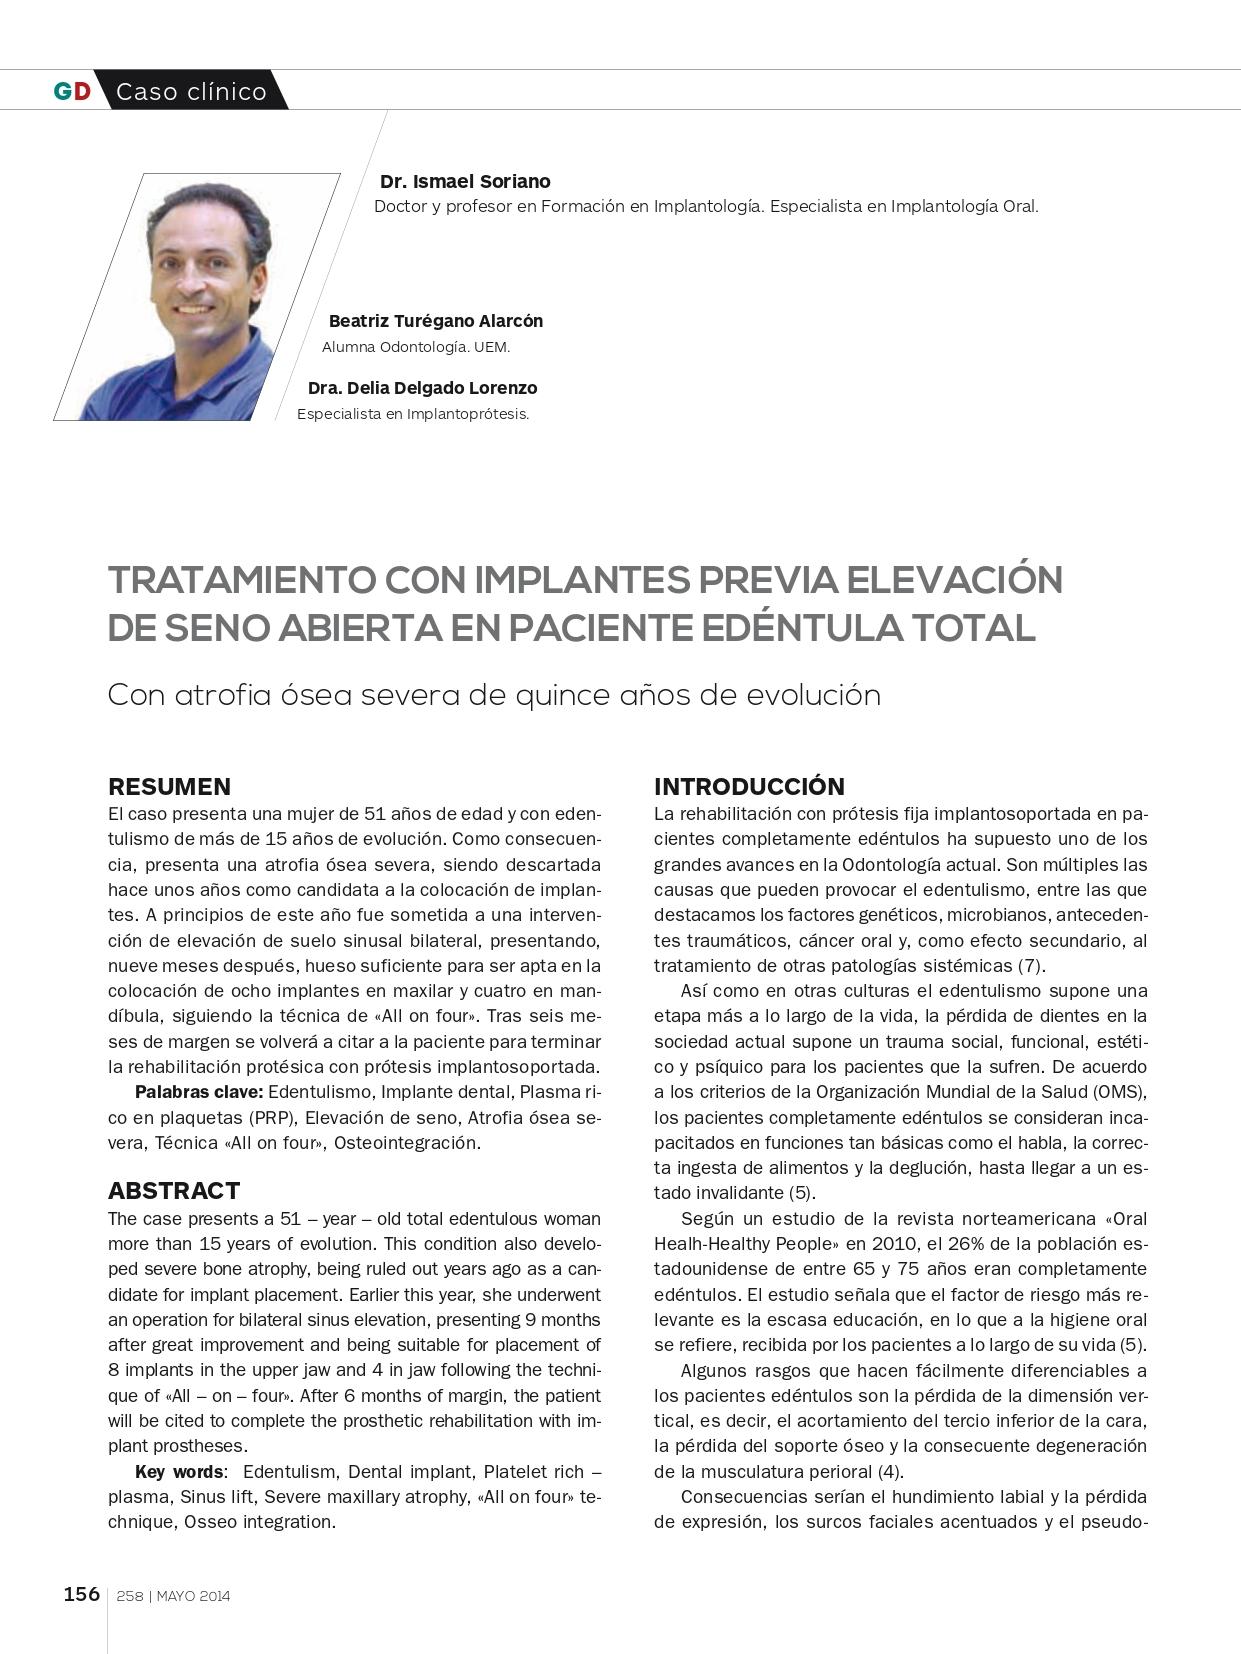 Tratamiento-con-implantes-y-elevación-de-seno-abierta_page-0001